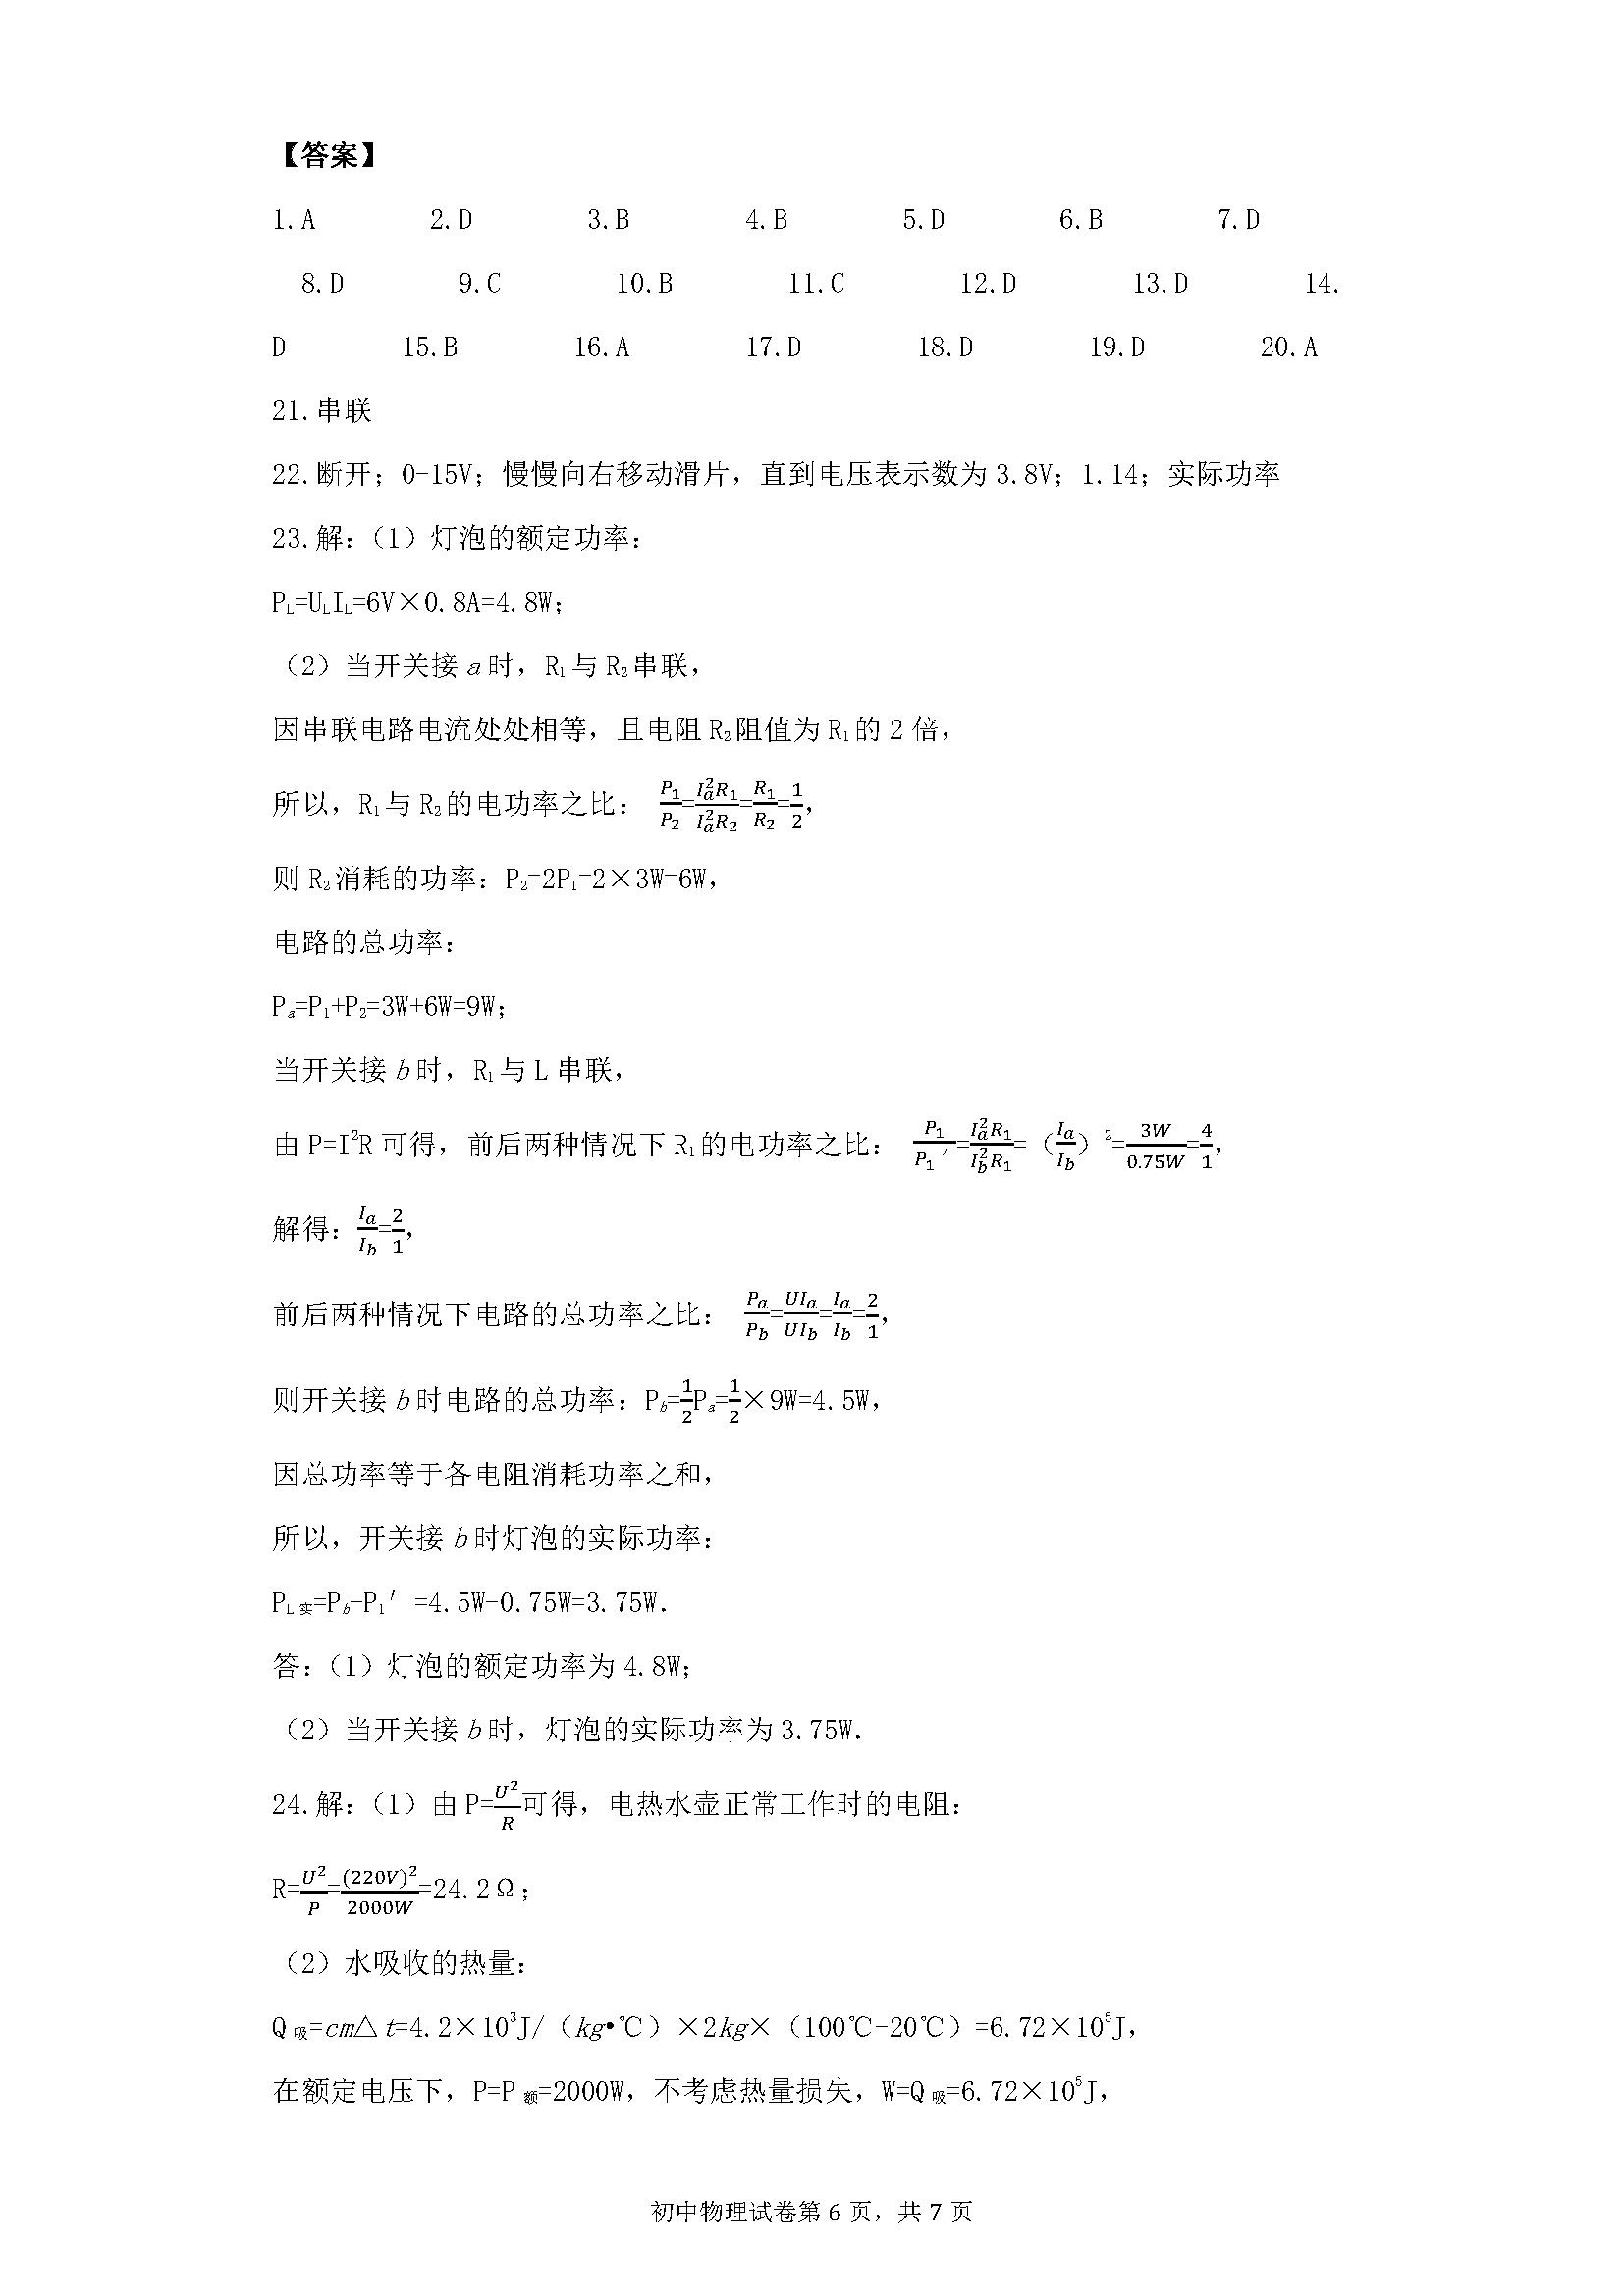 2017广东湛江大成中学初三上第三次月考物理试题答案(图片版)